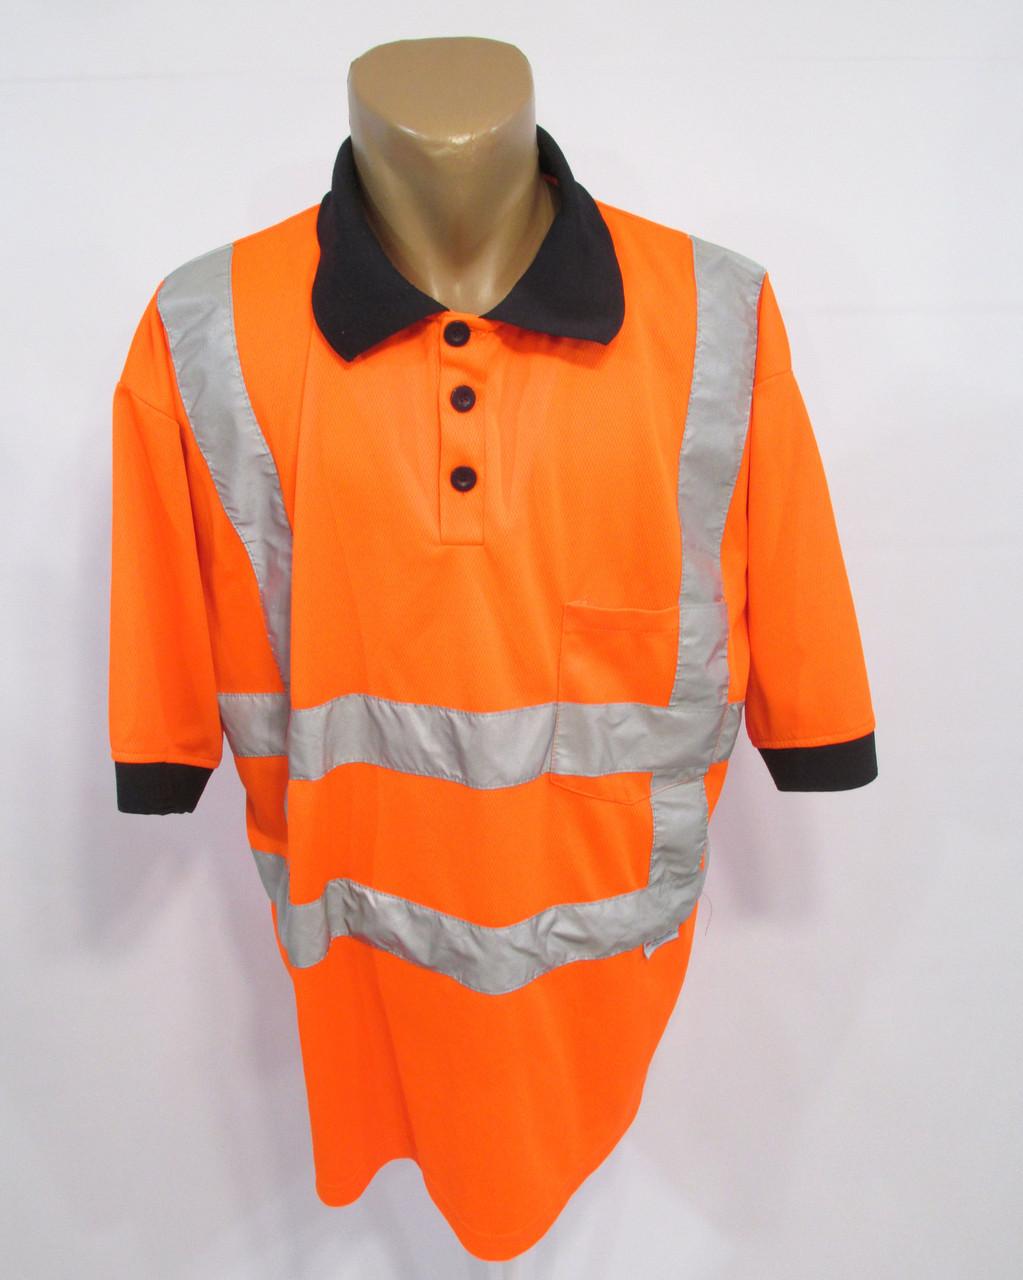 Футболка рабочая Hydrowear, XL, polyester, светоотражающая, Как Новая!